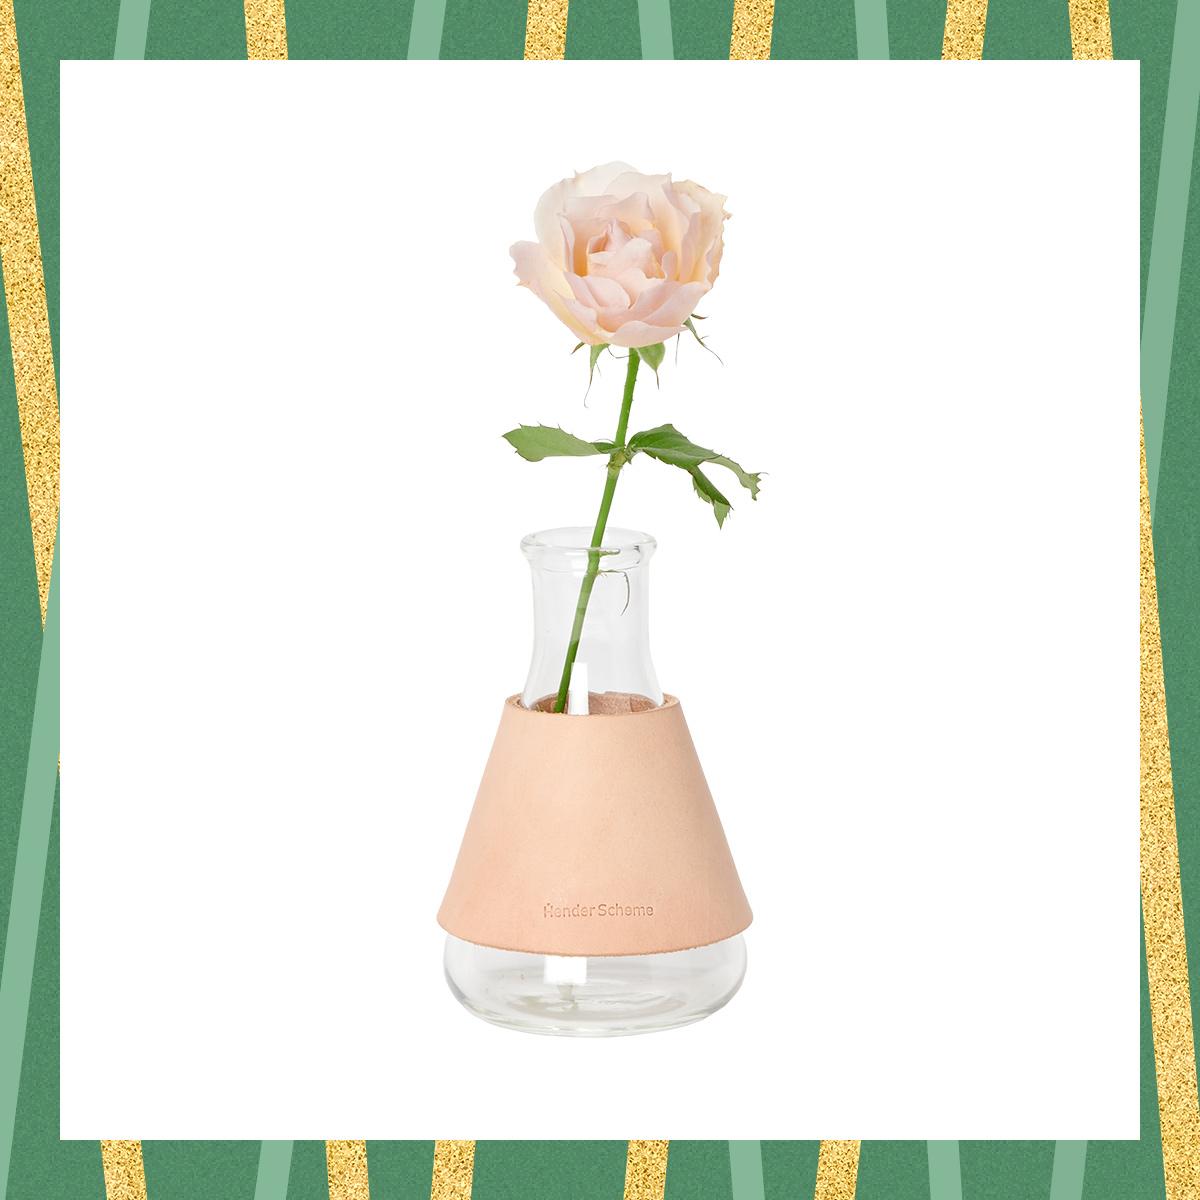 一輪挿すだけで絵になる、エンダースキーマの花瓶